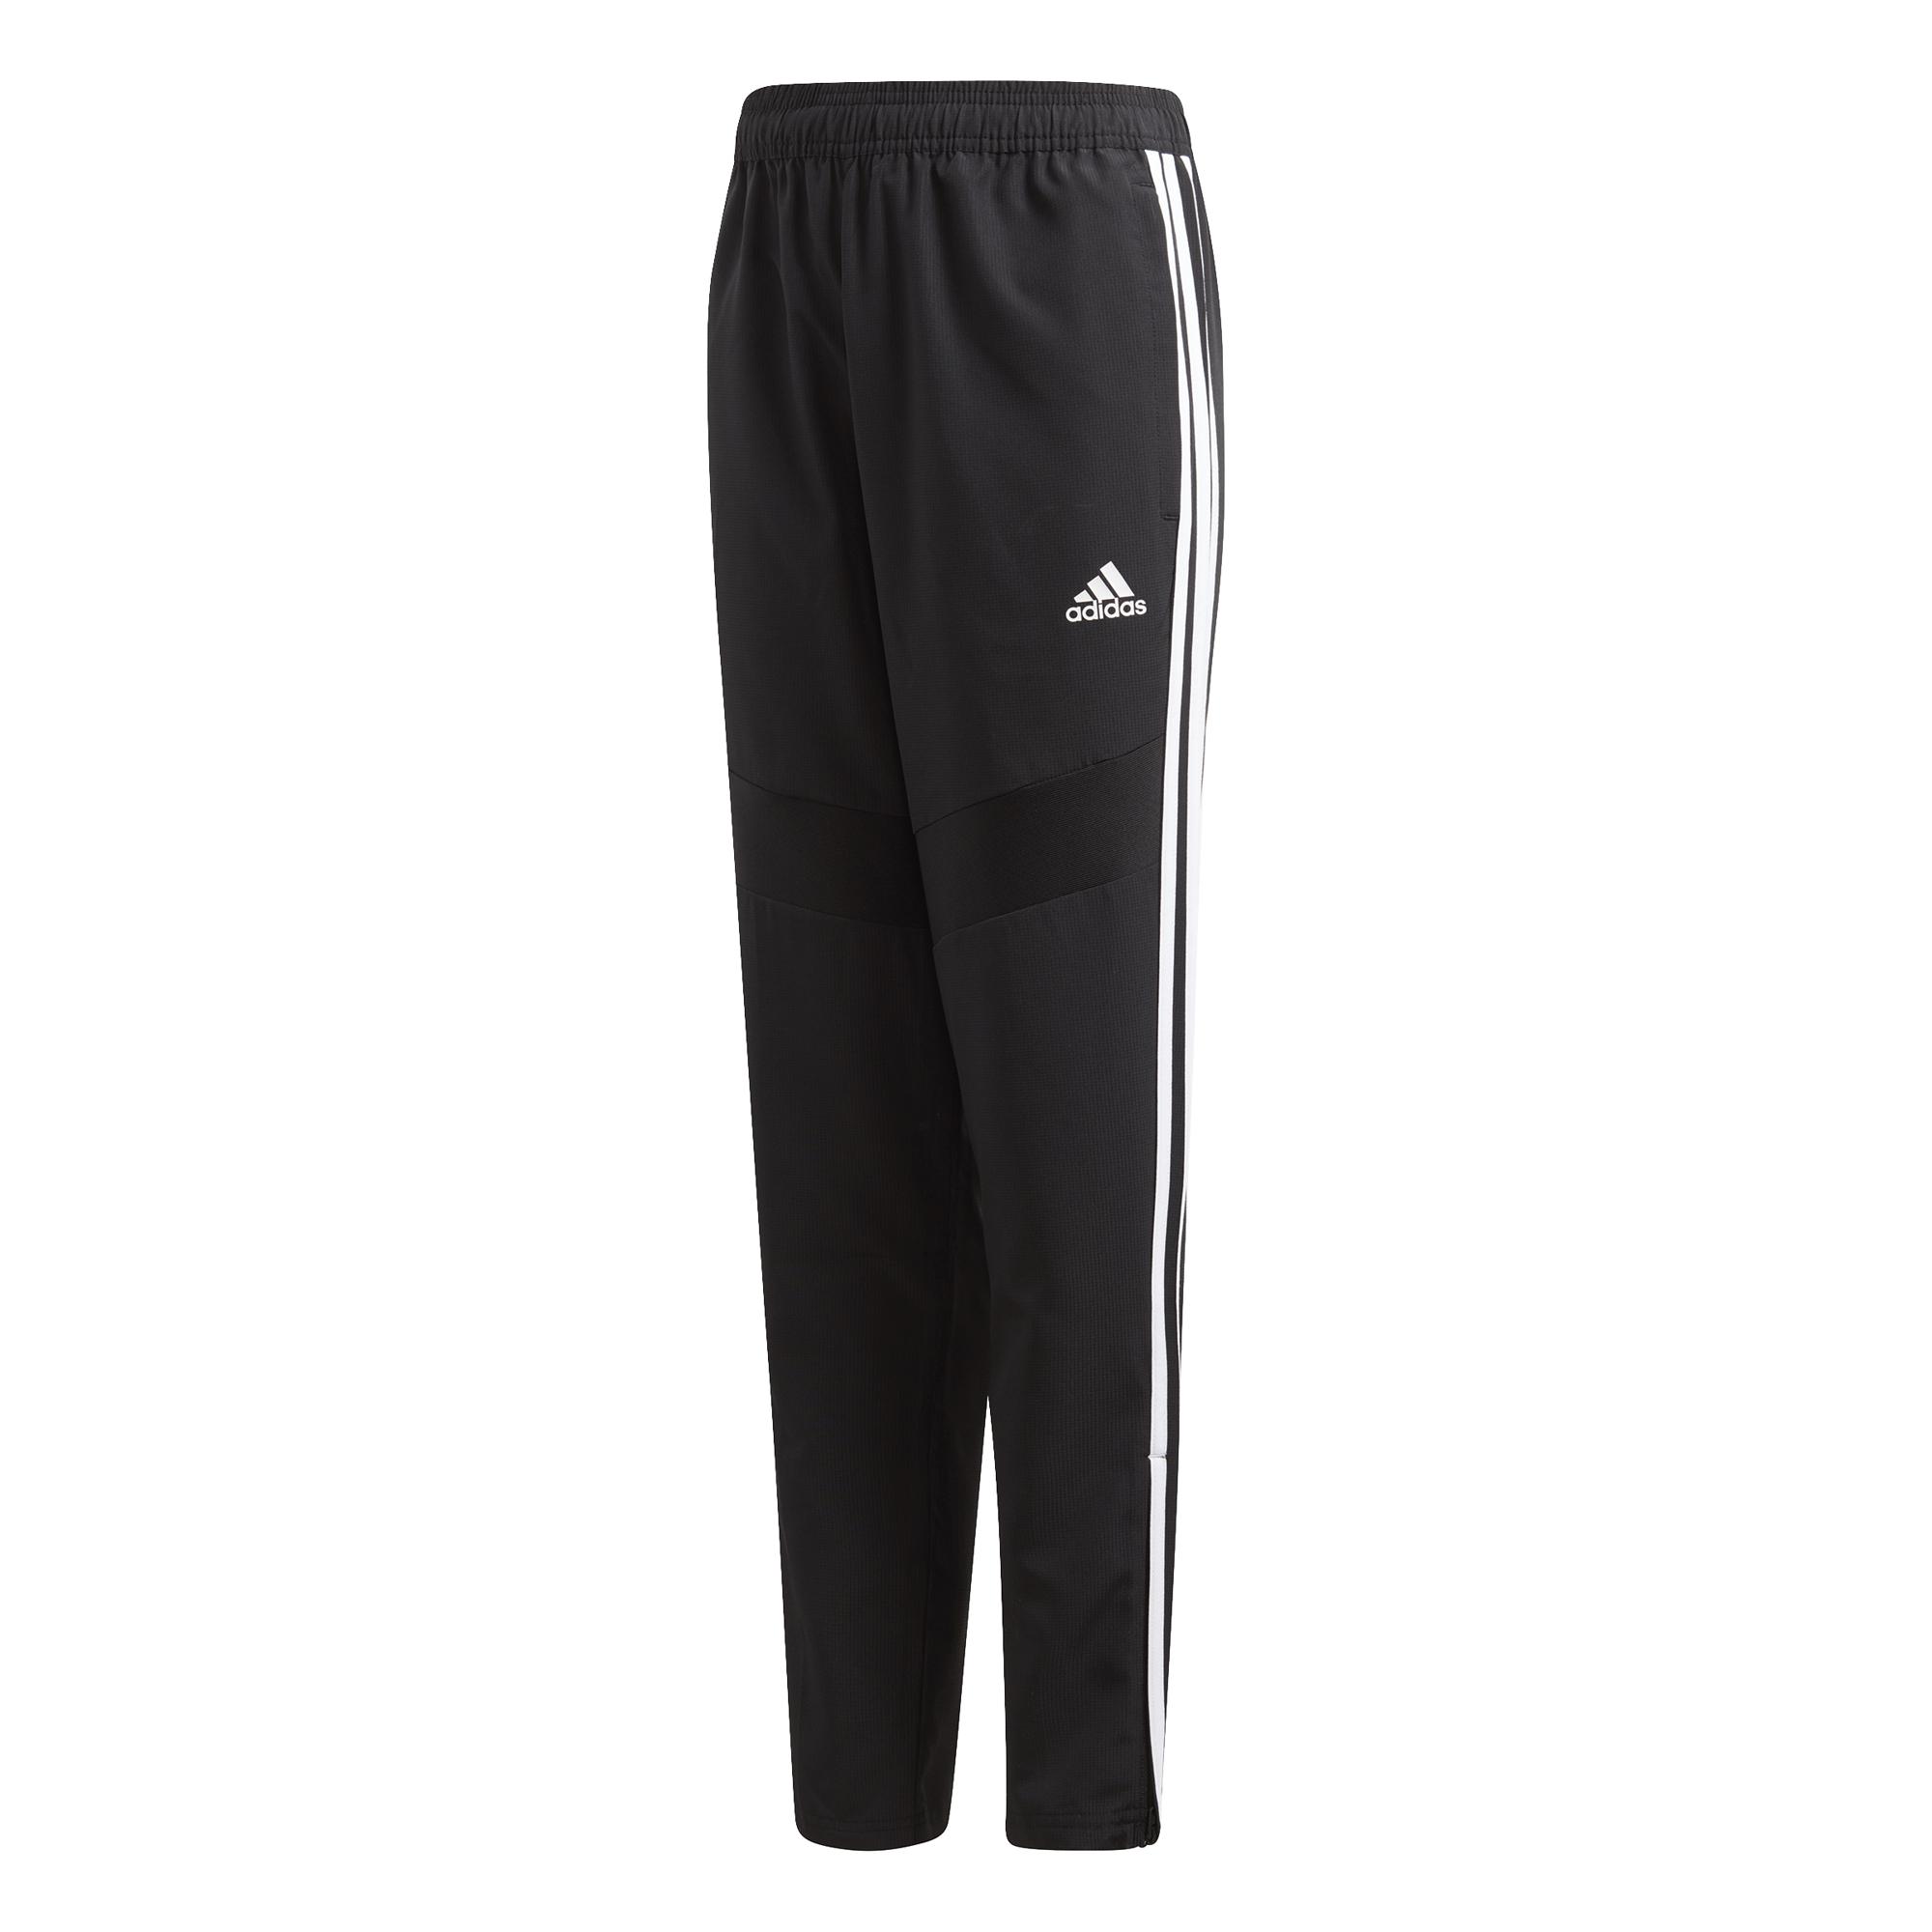 ADIDAS kalhoty Tiro 19 Woven Pants dětské